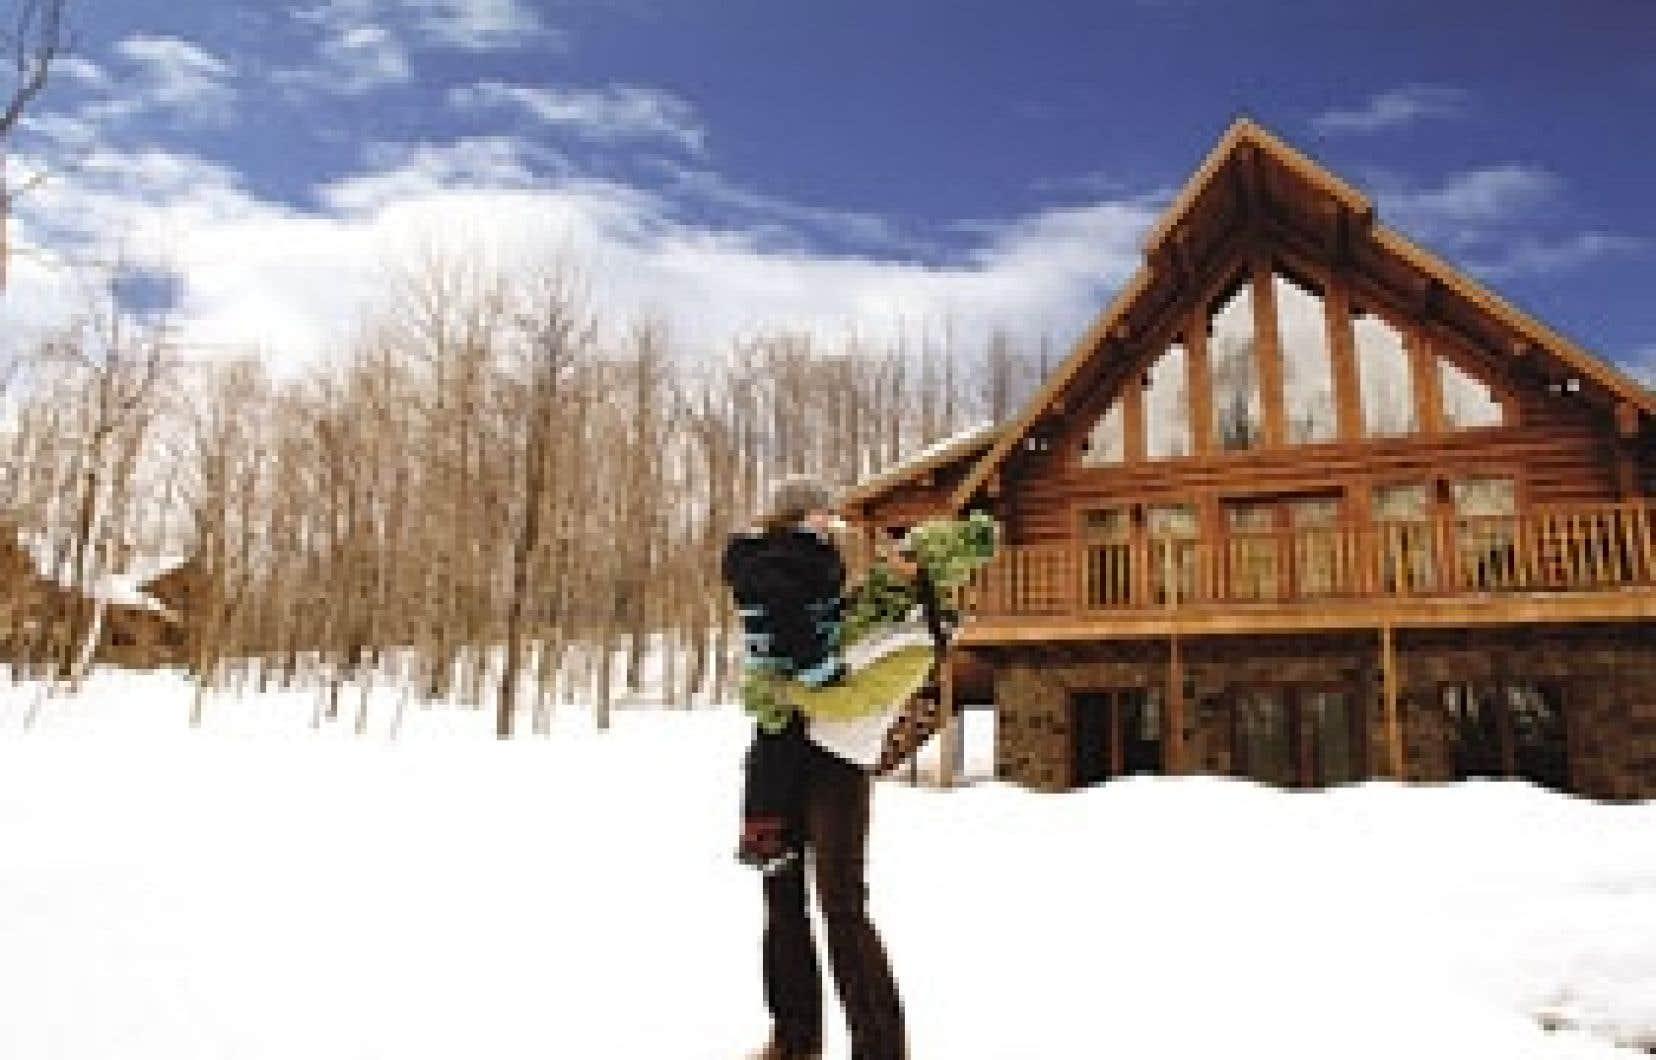 Tous imposants, les chalets de bois rond du domaine Blueberry Lake sont construits en trois modèles différents.